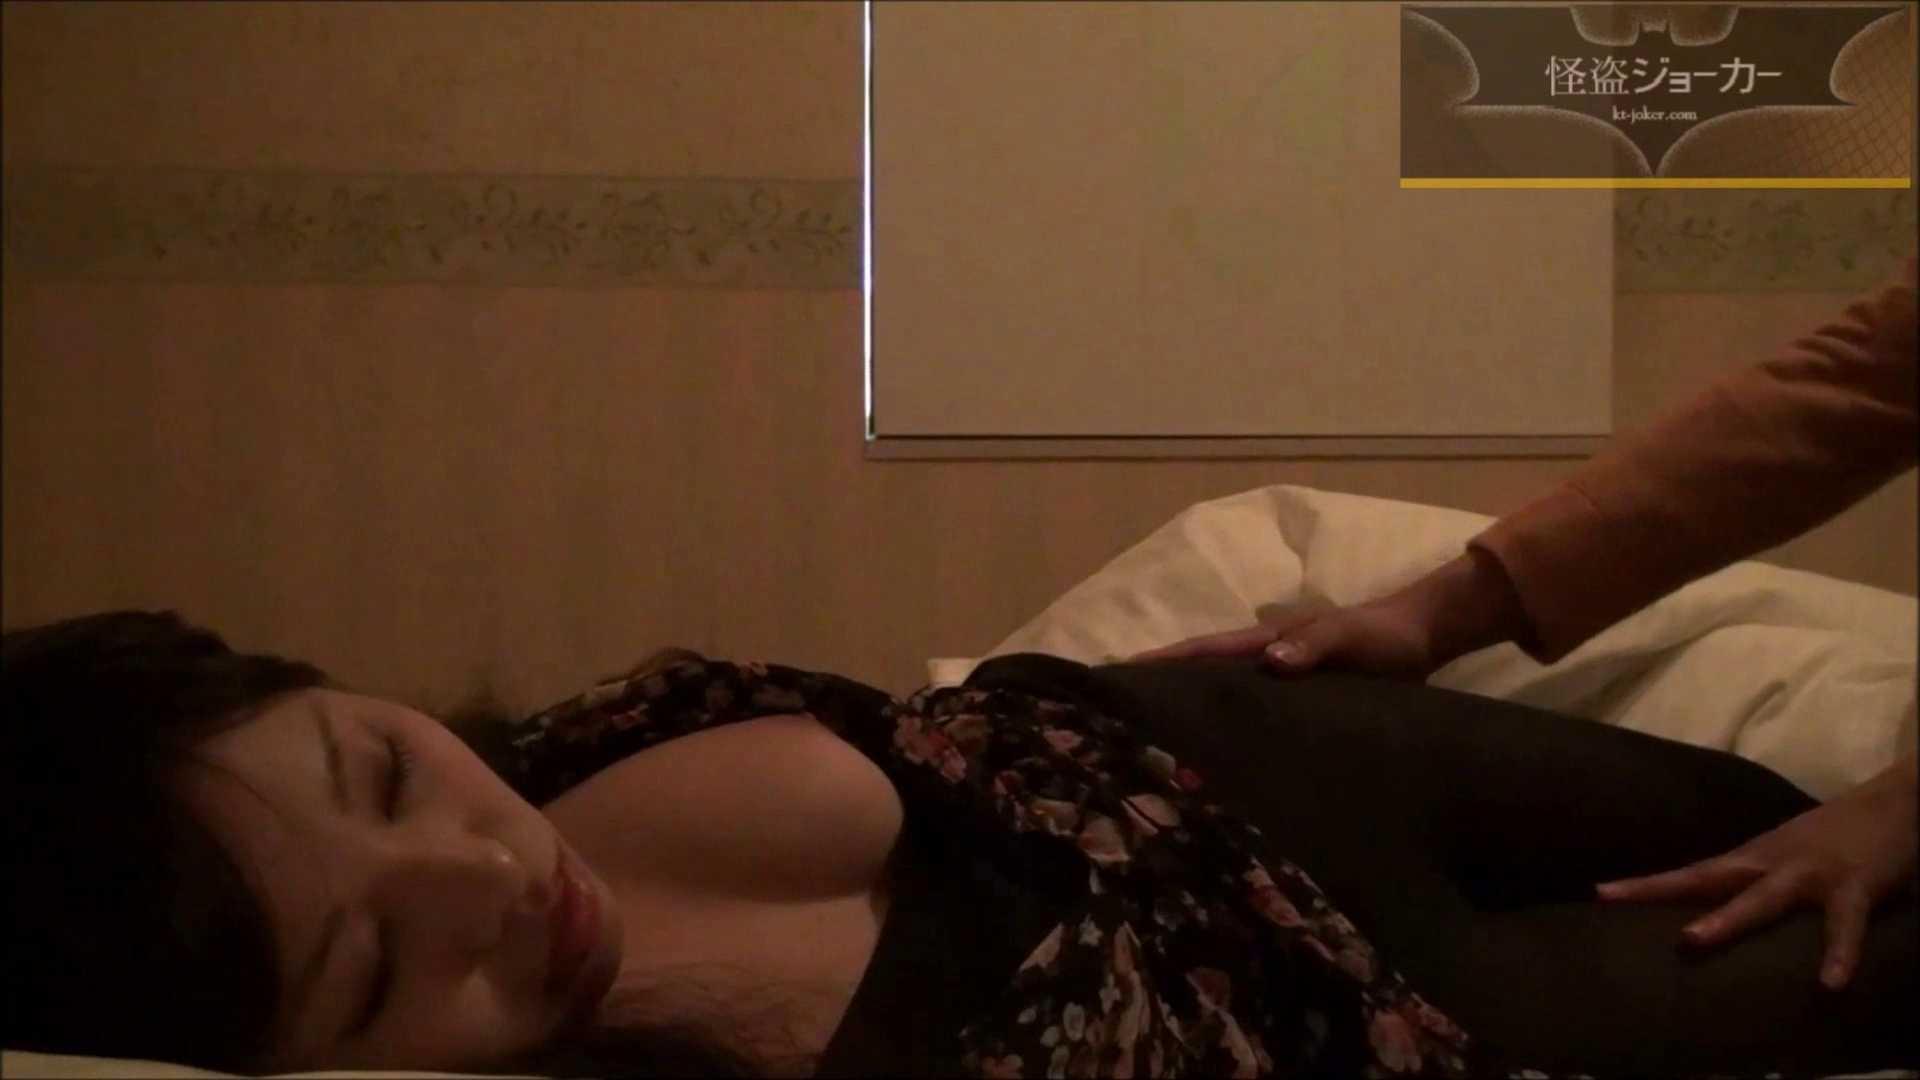 vol.17 葵の顔面にアレを押し付けてw セックス オマンコ動画キャプチャ 107枚 52